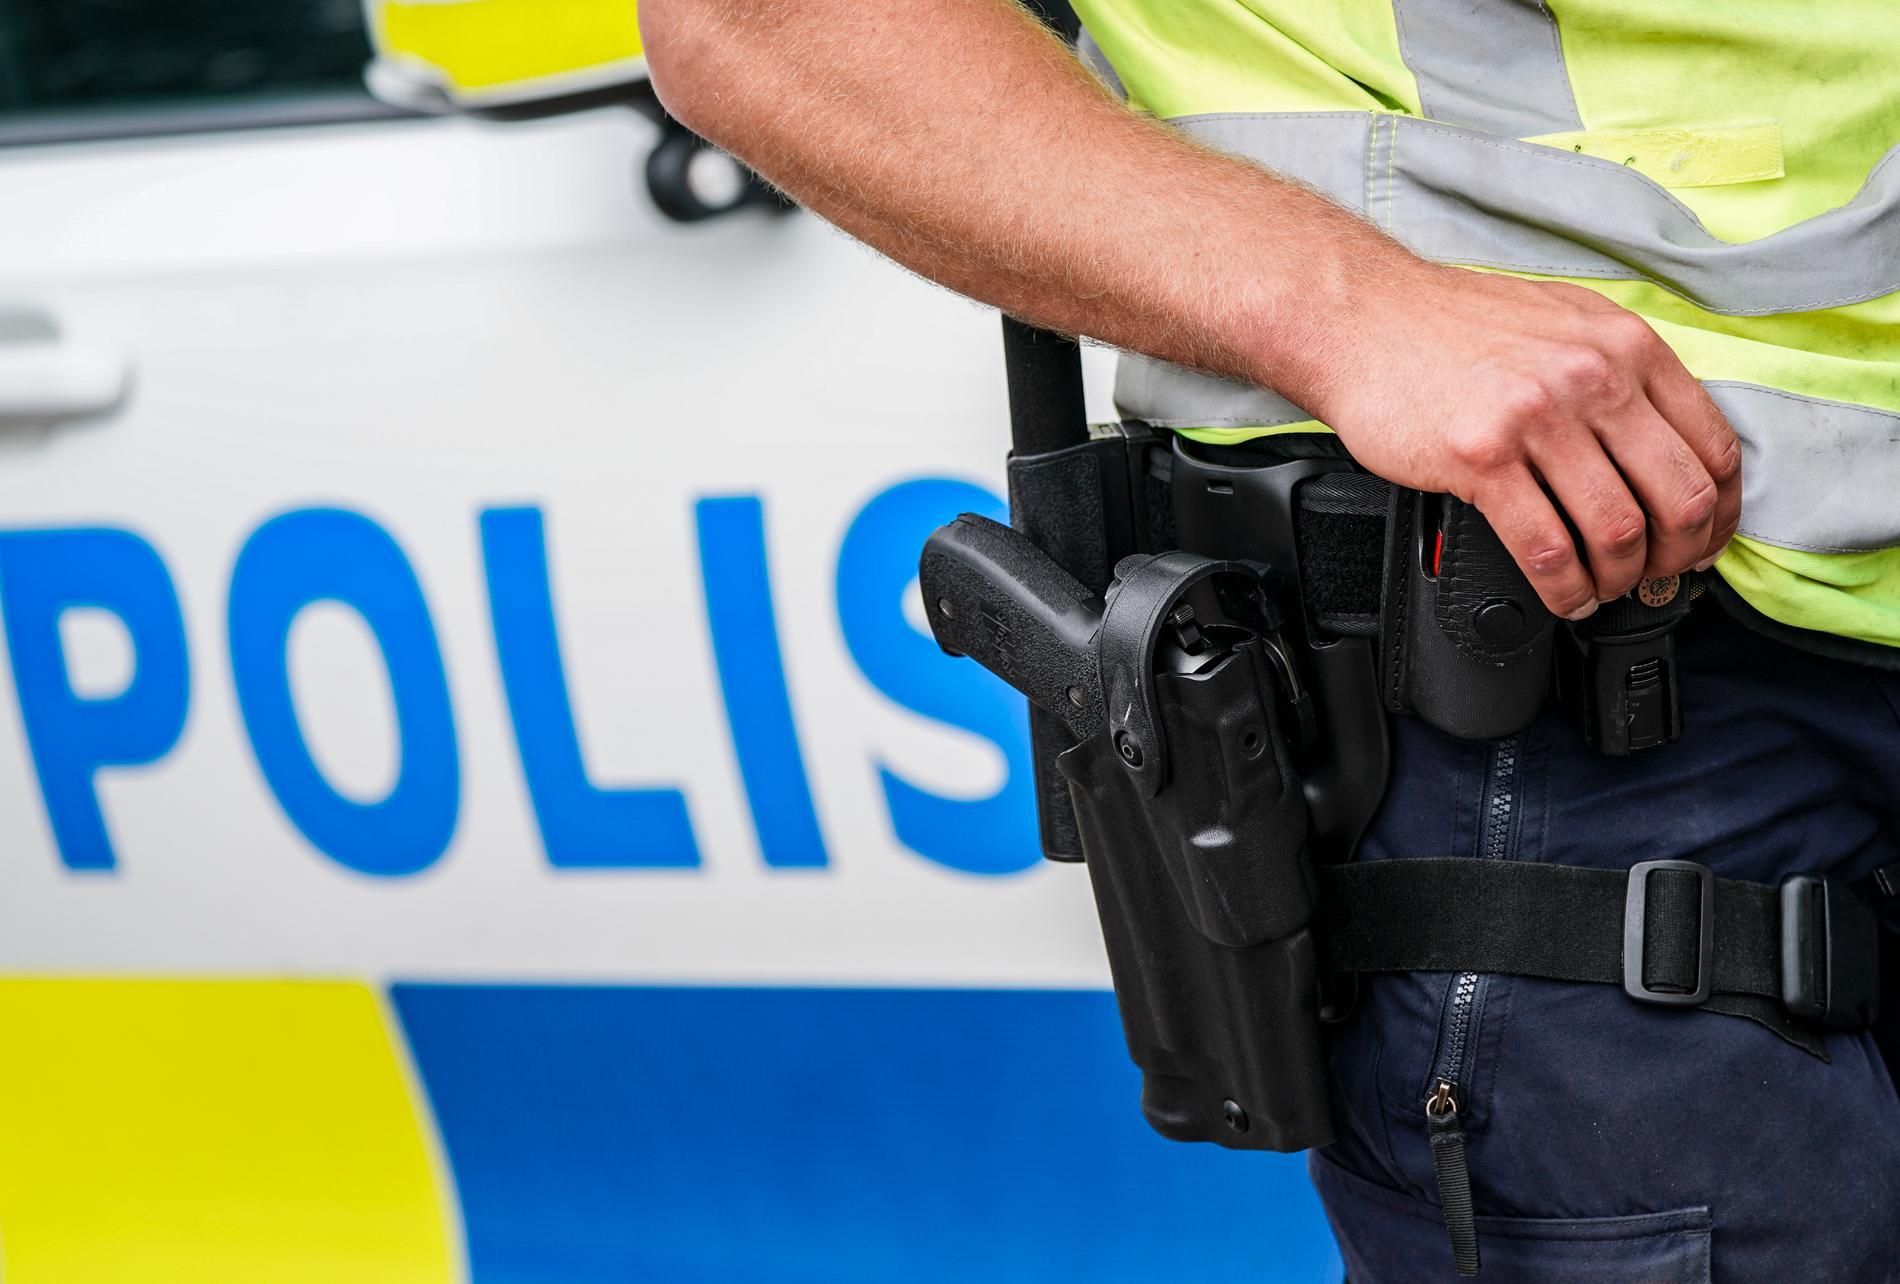 En polis som sköt en påverkad man vid ett inbrottslarm frias av tingsrätten. Arkivbild.